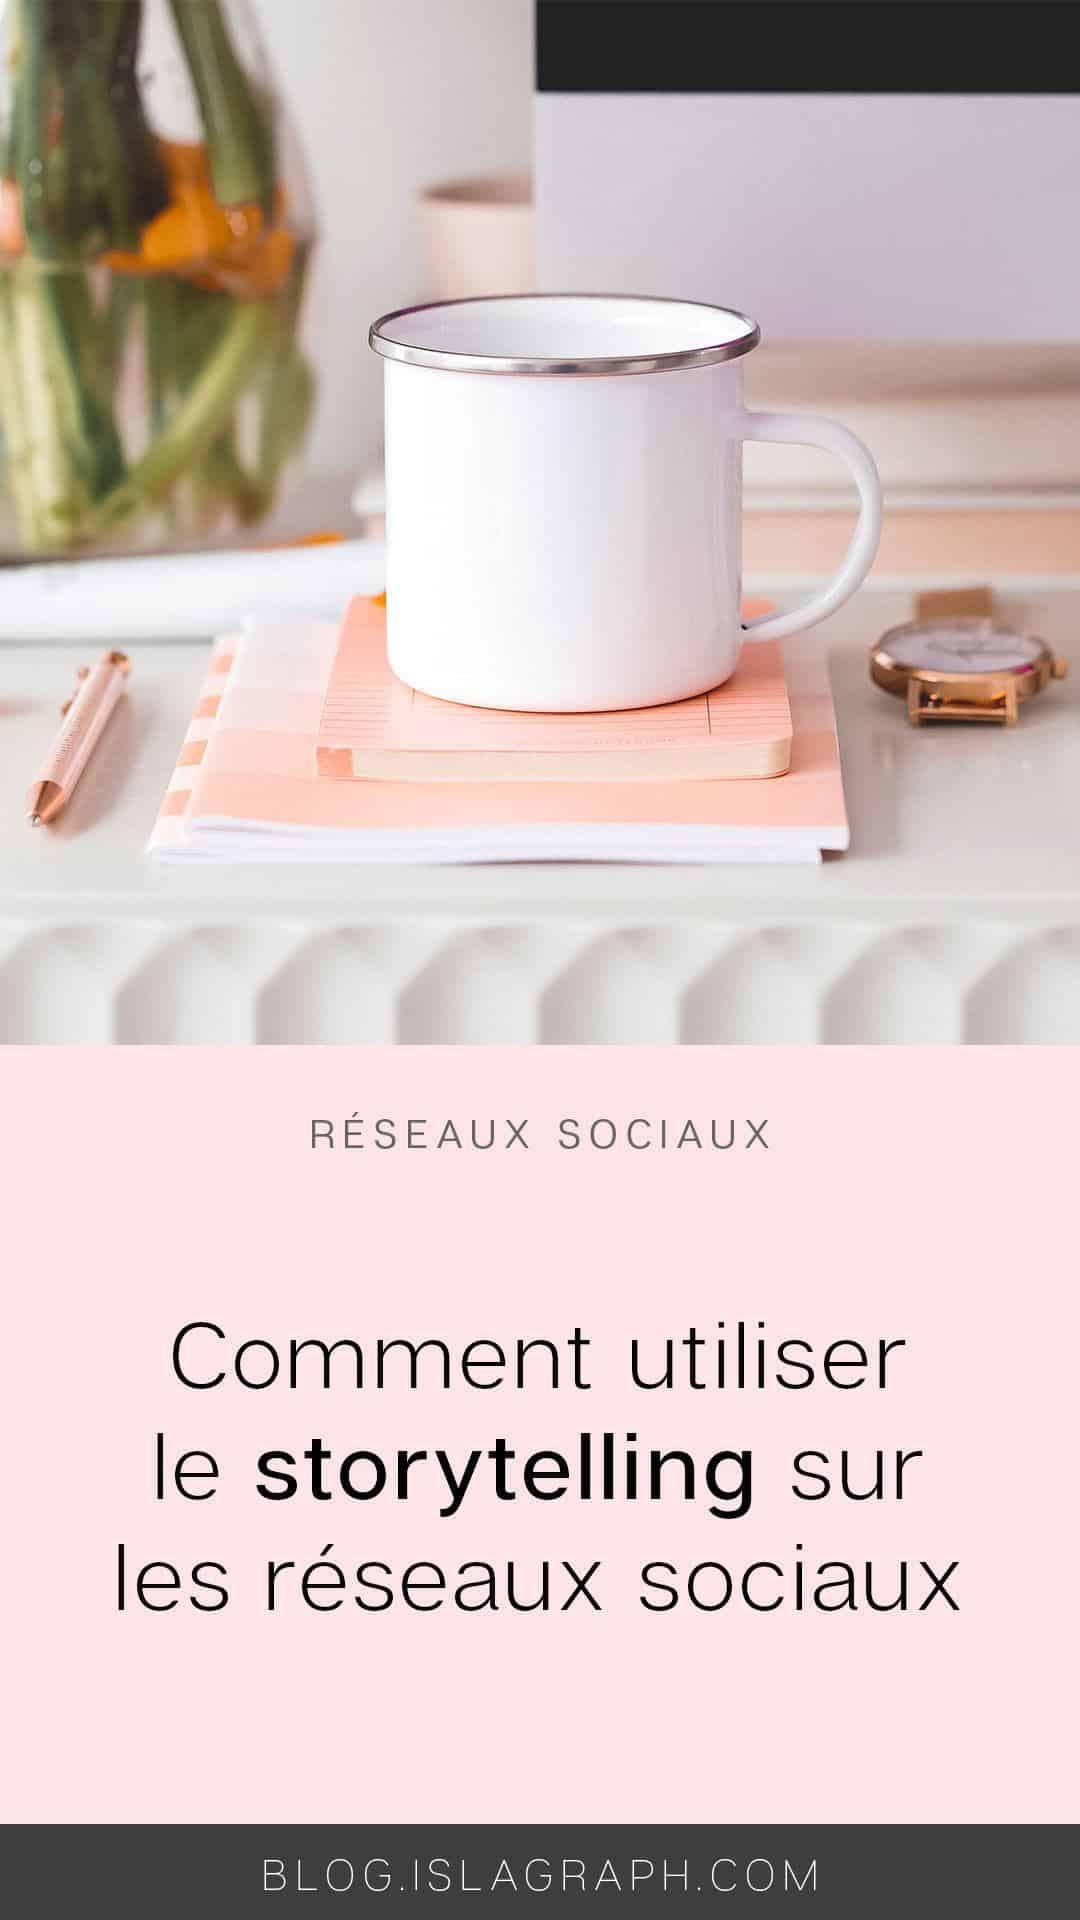 Si je te disais qu'il y a une manière simple qui peux vraiment t'aider à te démarquer sur Instagram et sur les réseaux sociaux. Une méthode qui est plus facile que ce que l'on croit et qui peut te faire gagner du temps. Cette méthode est simplement le storytelling : l'art de raconter une histoire.